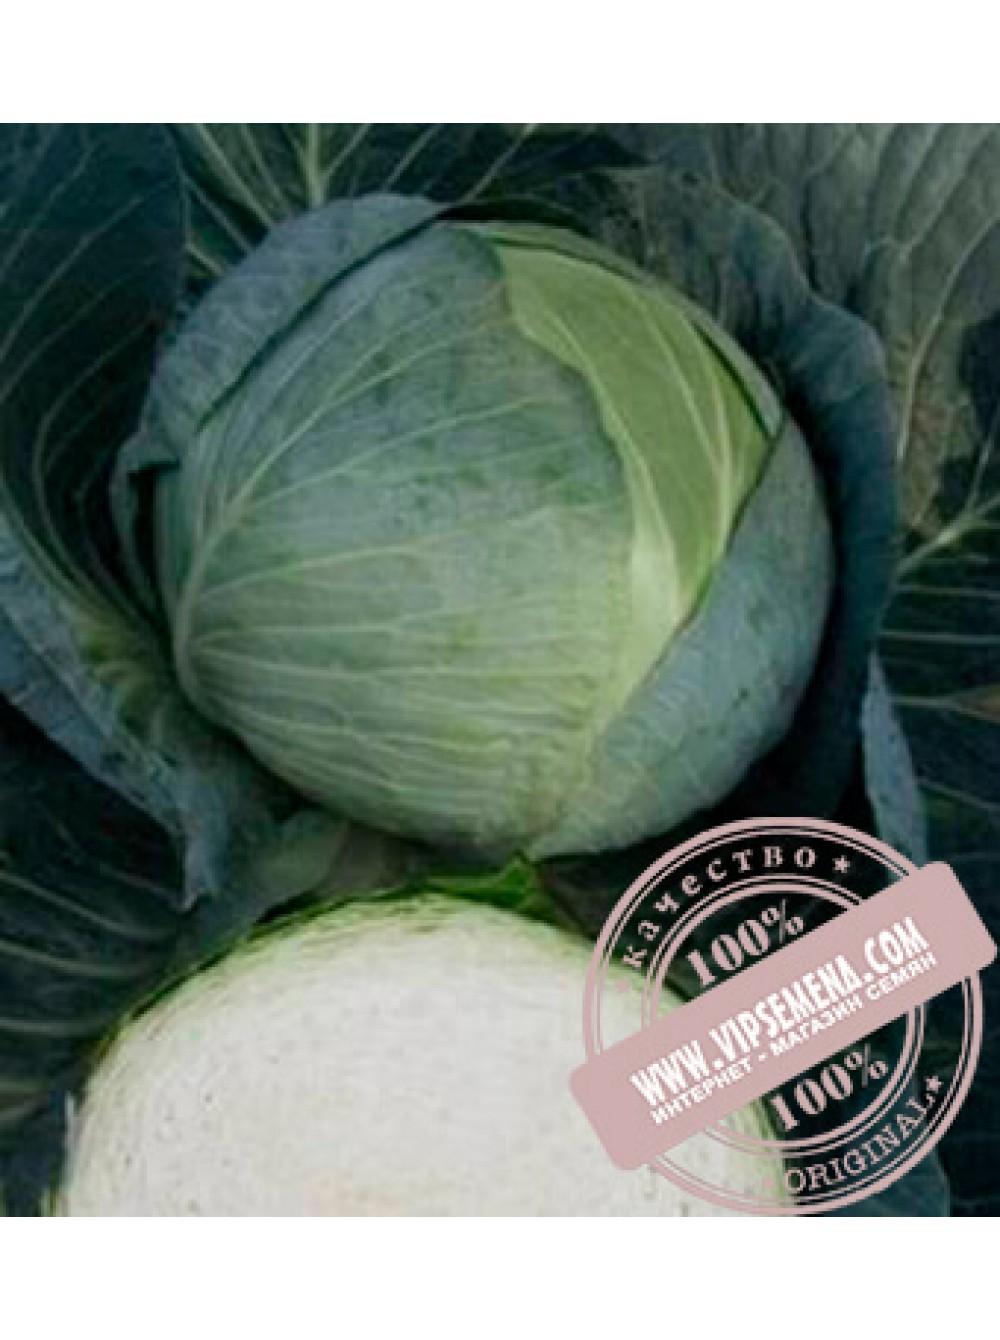 Описание сорта капусты центурион f1 и агротехника выращивания. описание сорта капусты центурион f1, особенности выращивания и ухода